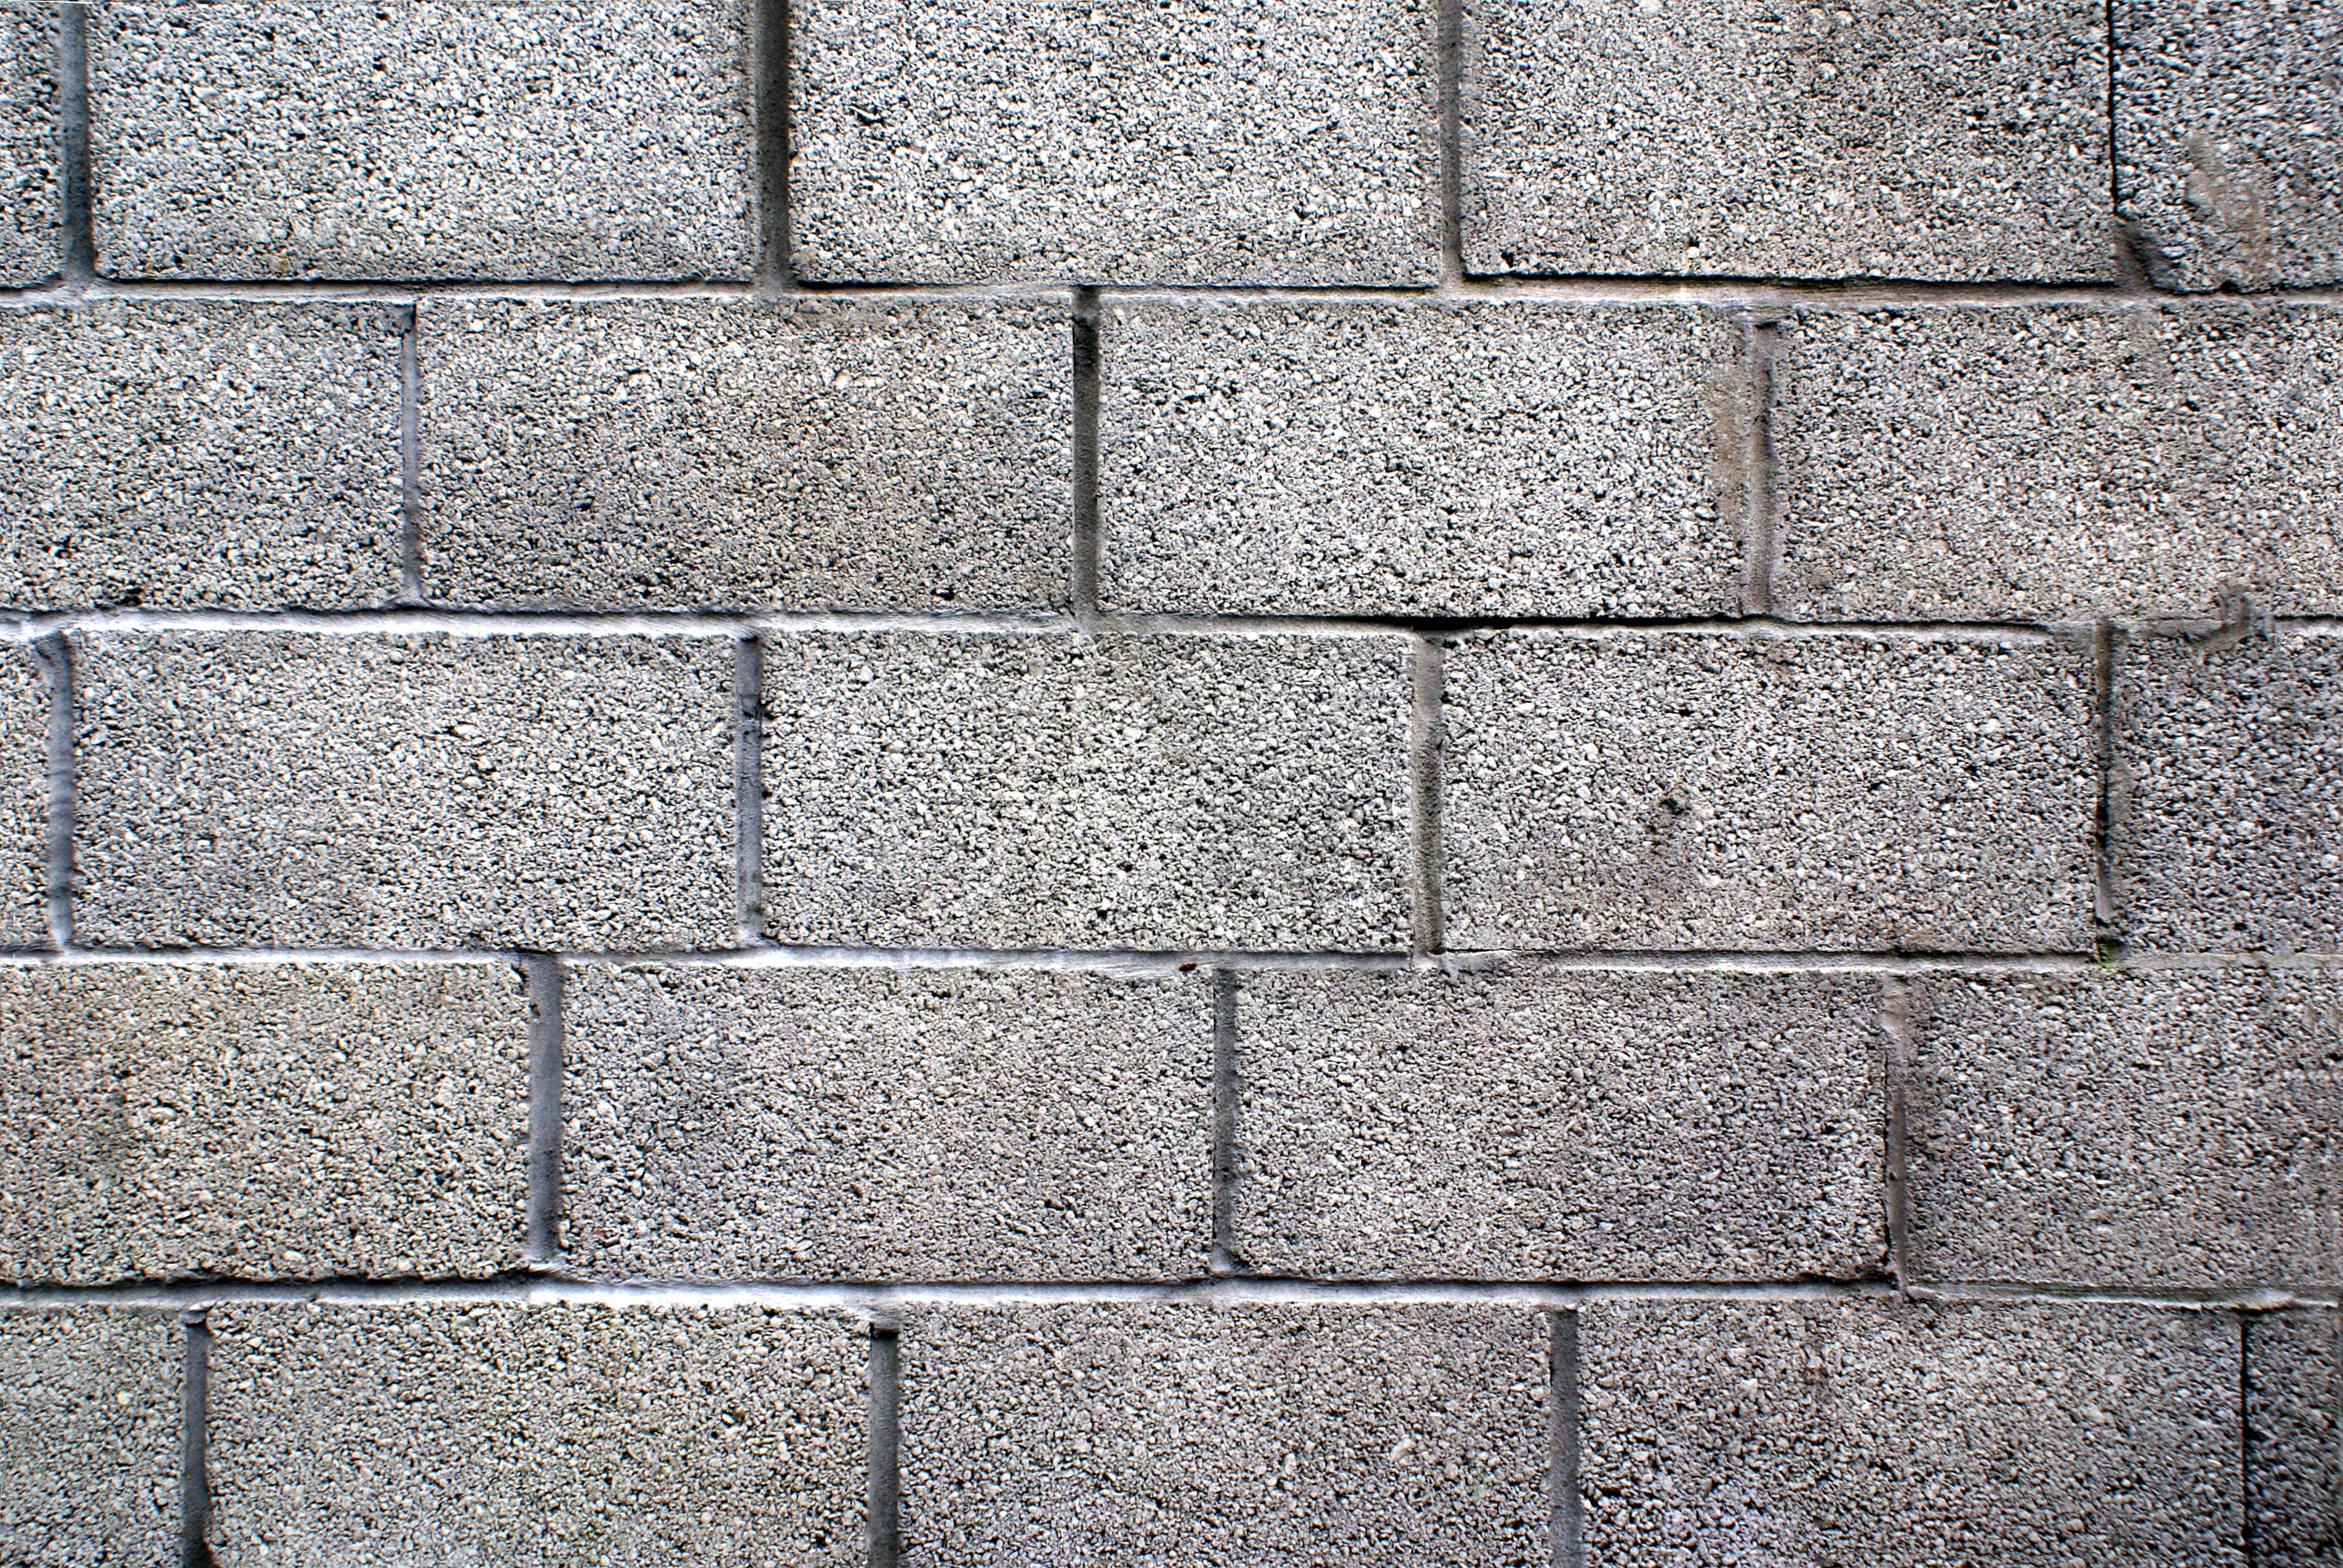 Decorative Concrete Wall Blocks Home Design Decor Ideas